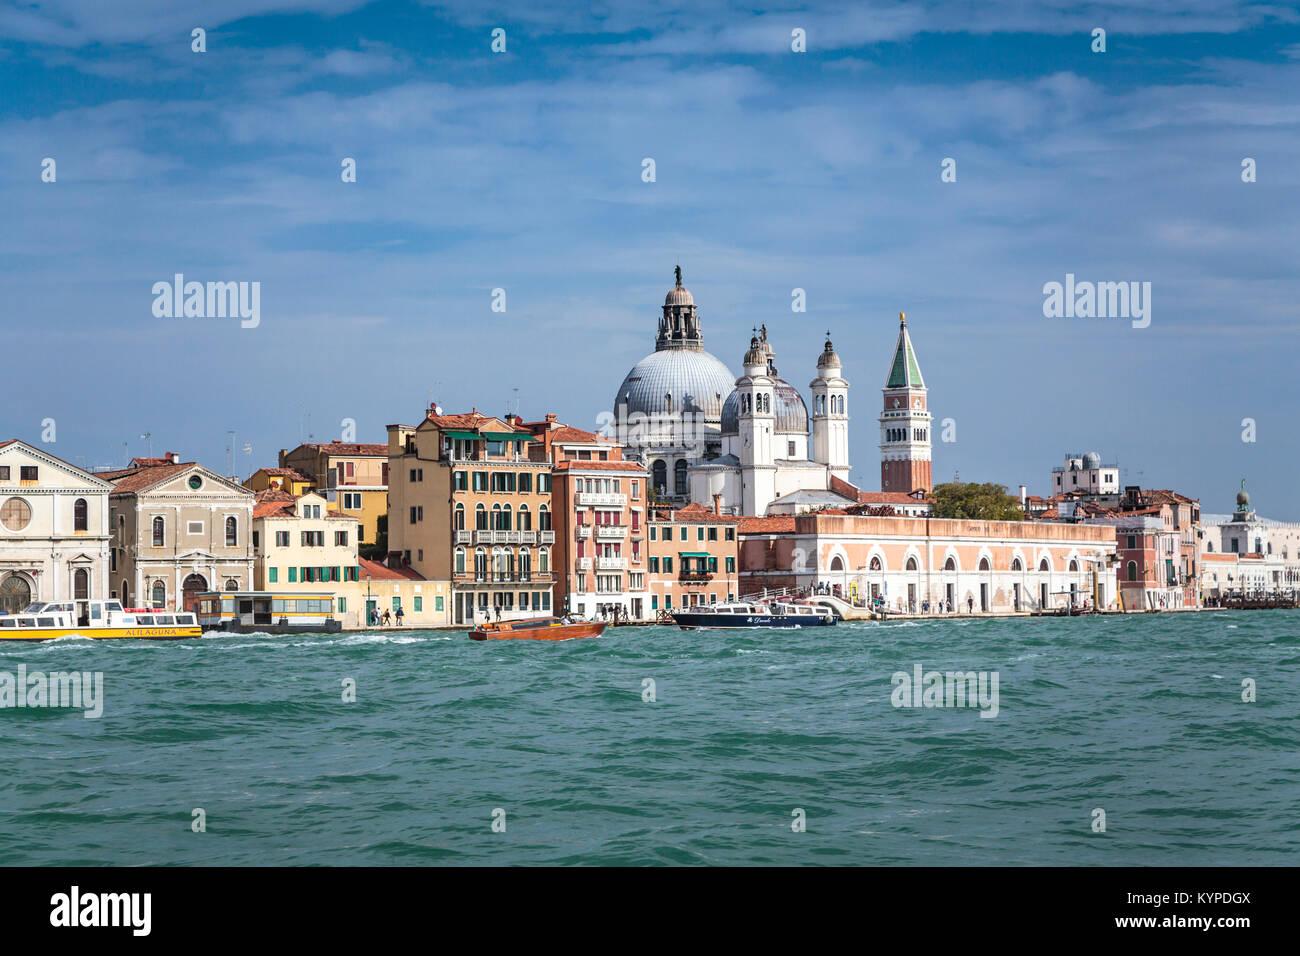 The  Saint Mary Of The Rosary Church  in Veneto, Venice, Italy, Europe. - Stock Image